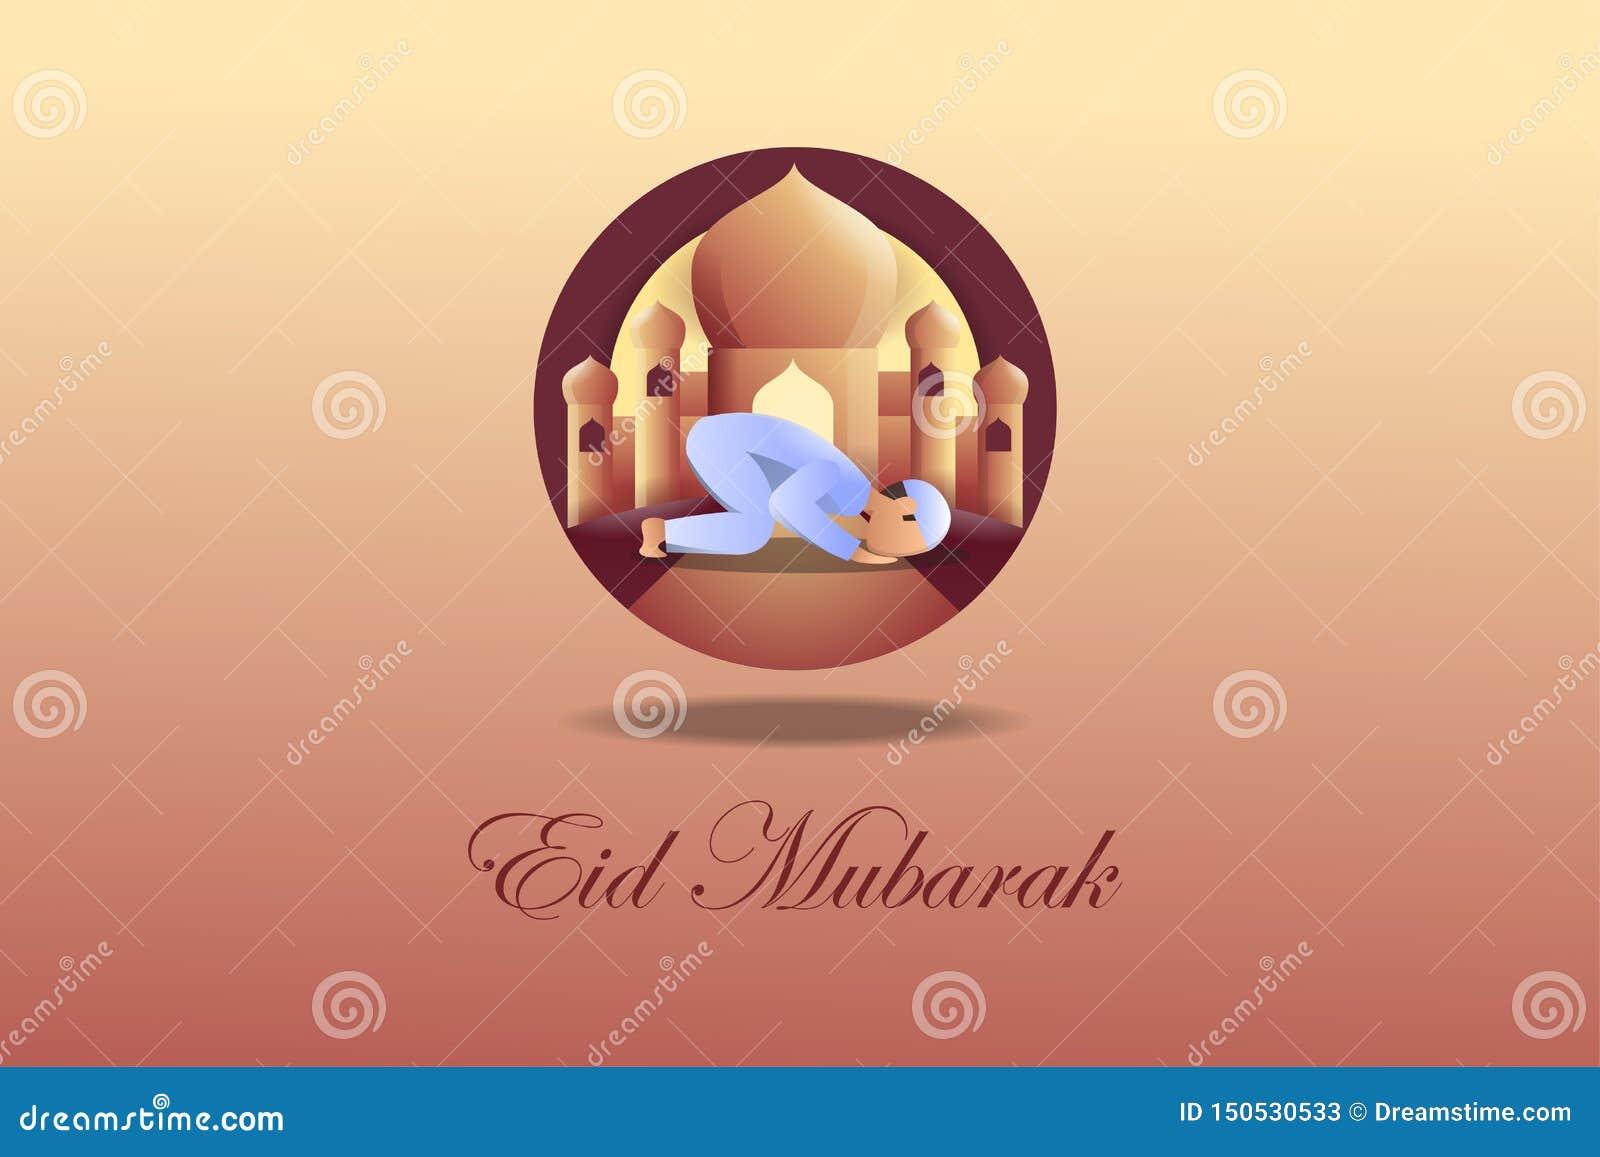 Ilustra??o de Mubarak do eid